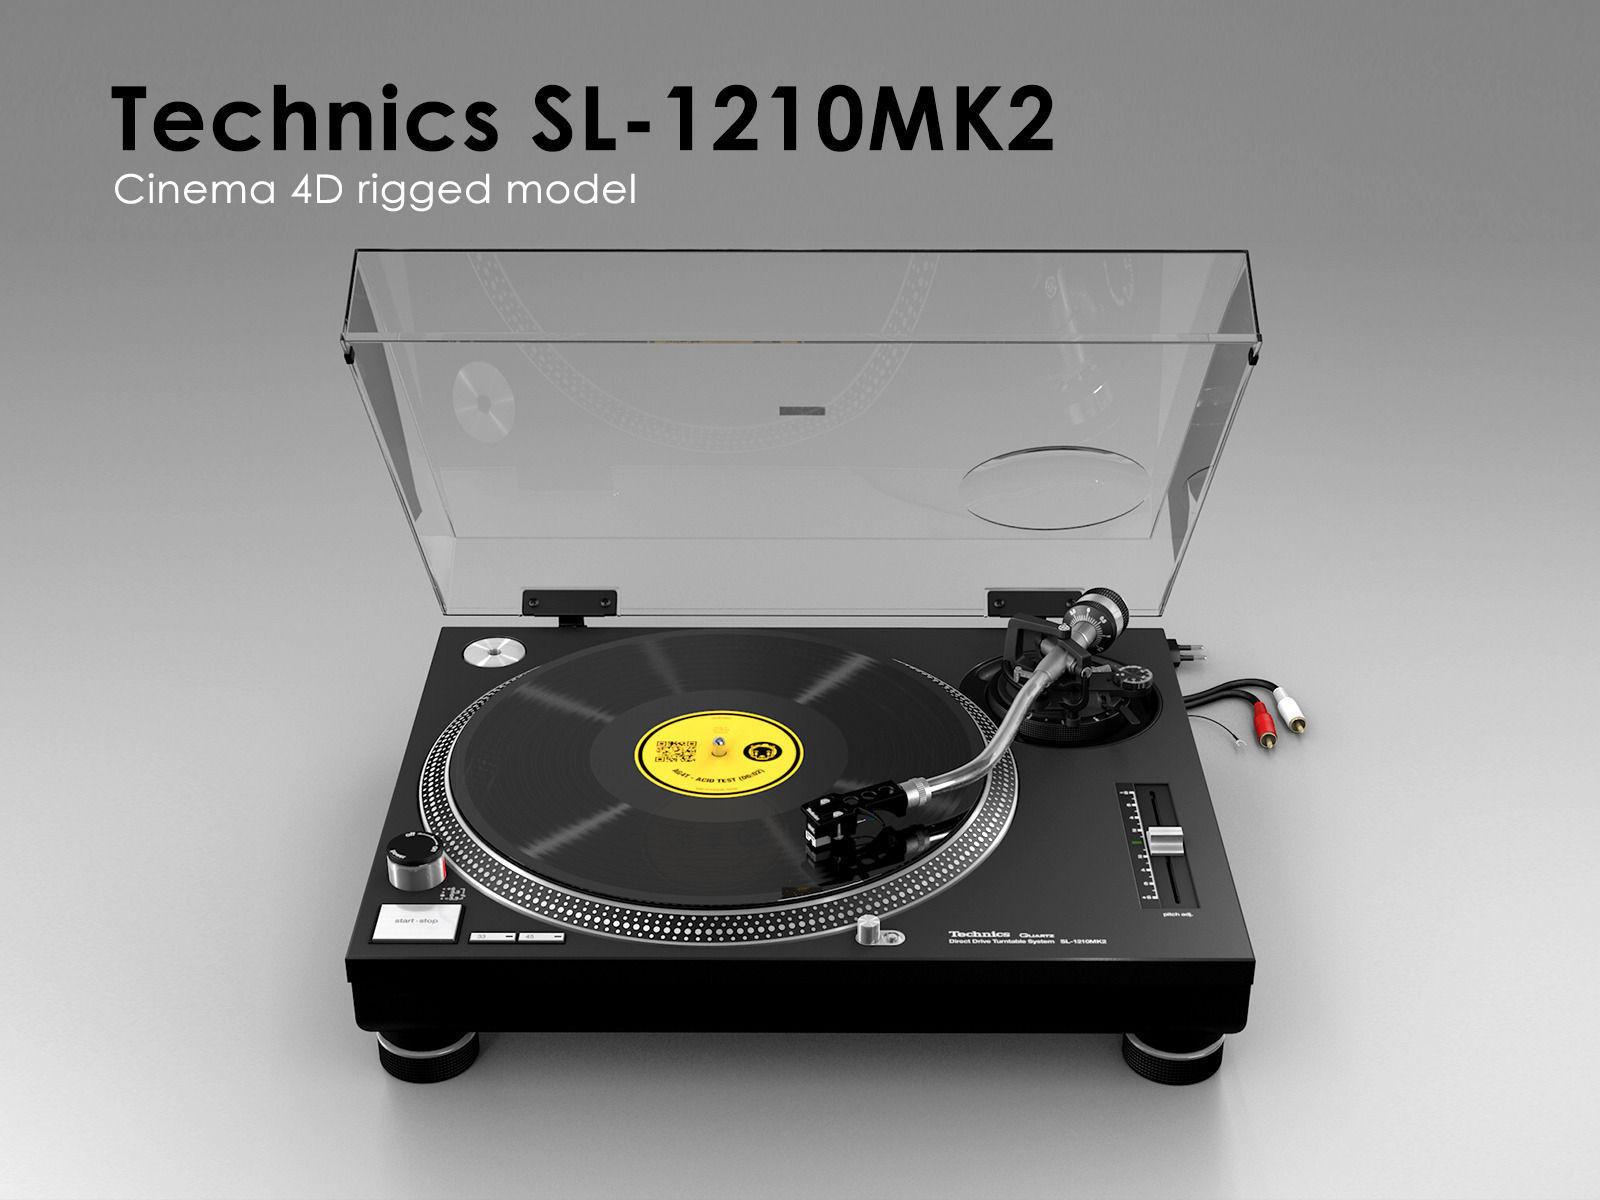 Technics SL-1210MK2 - Rigged